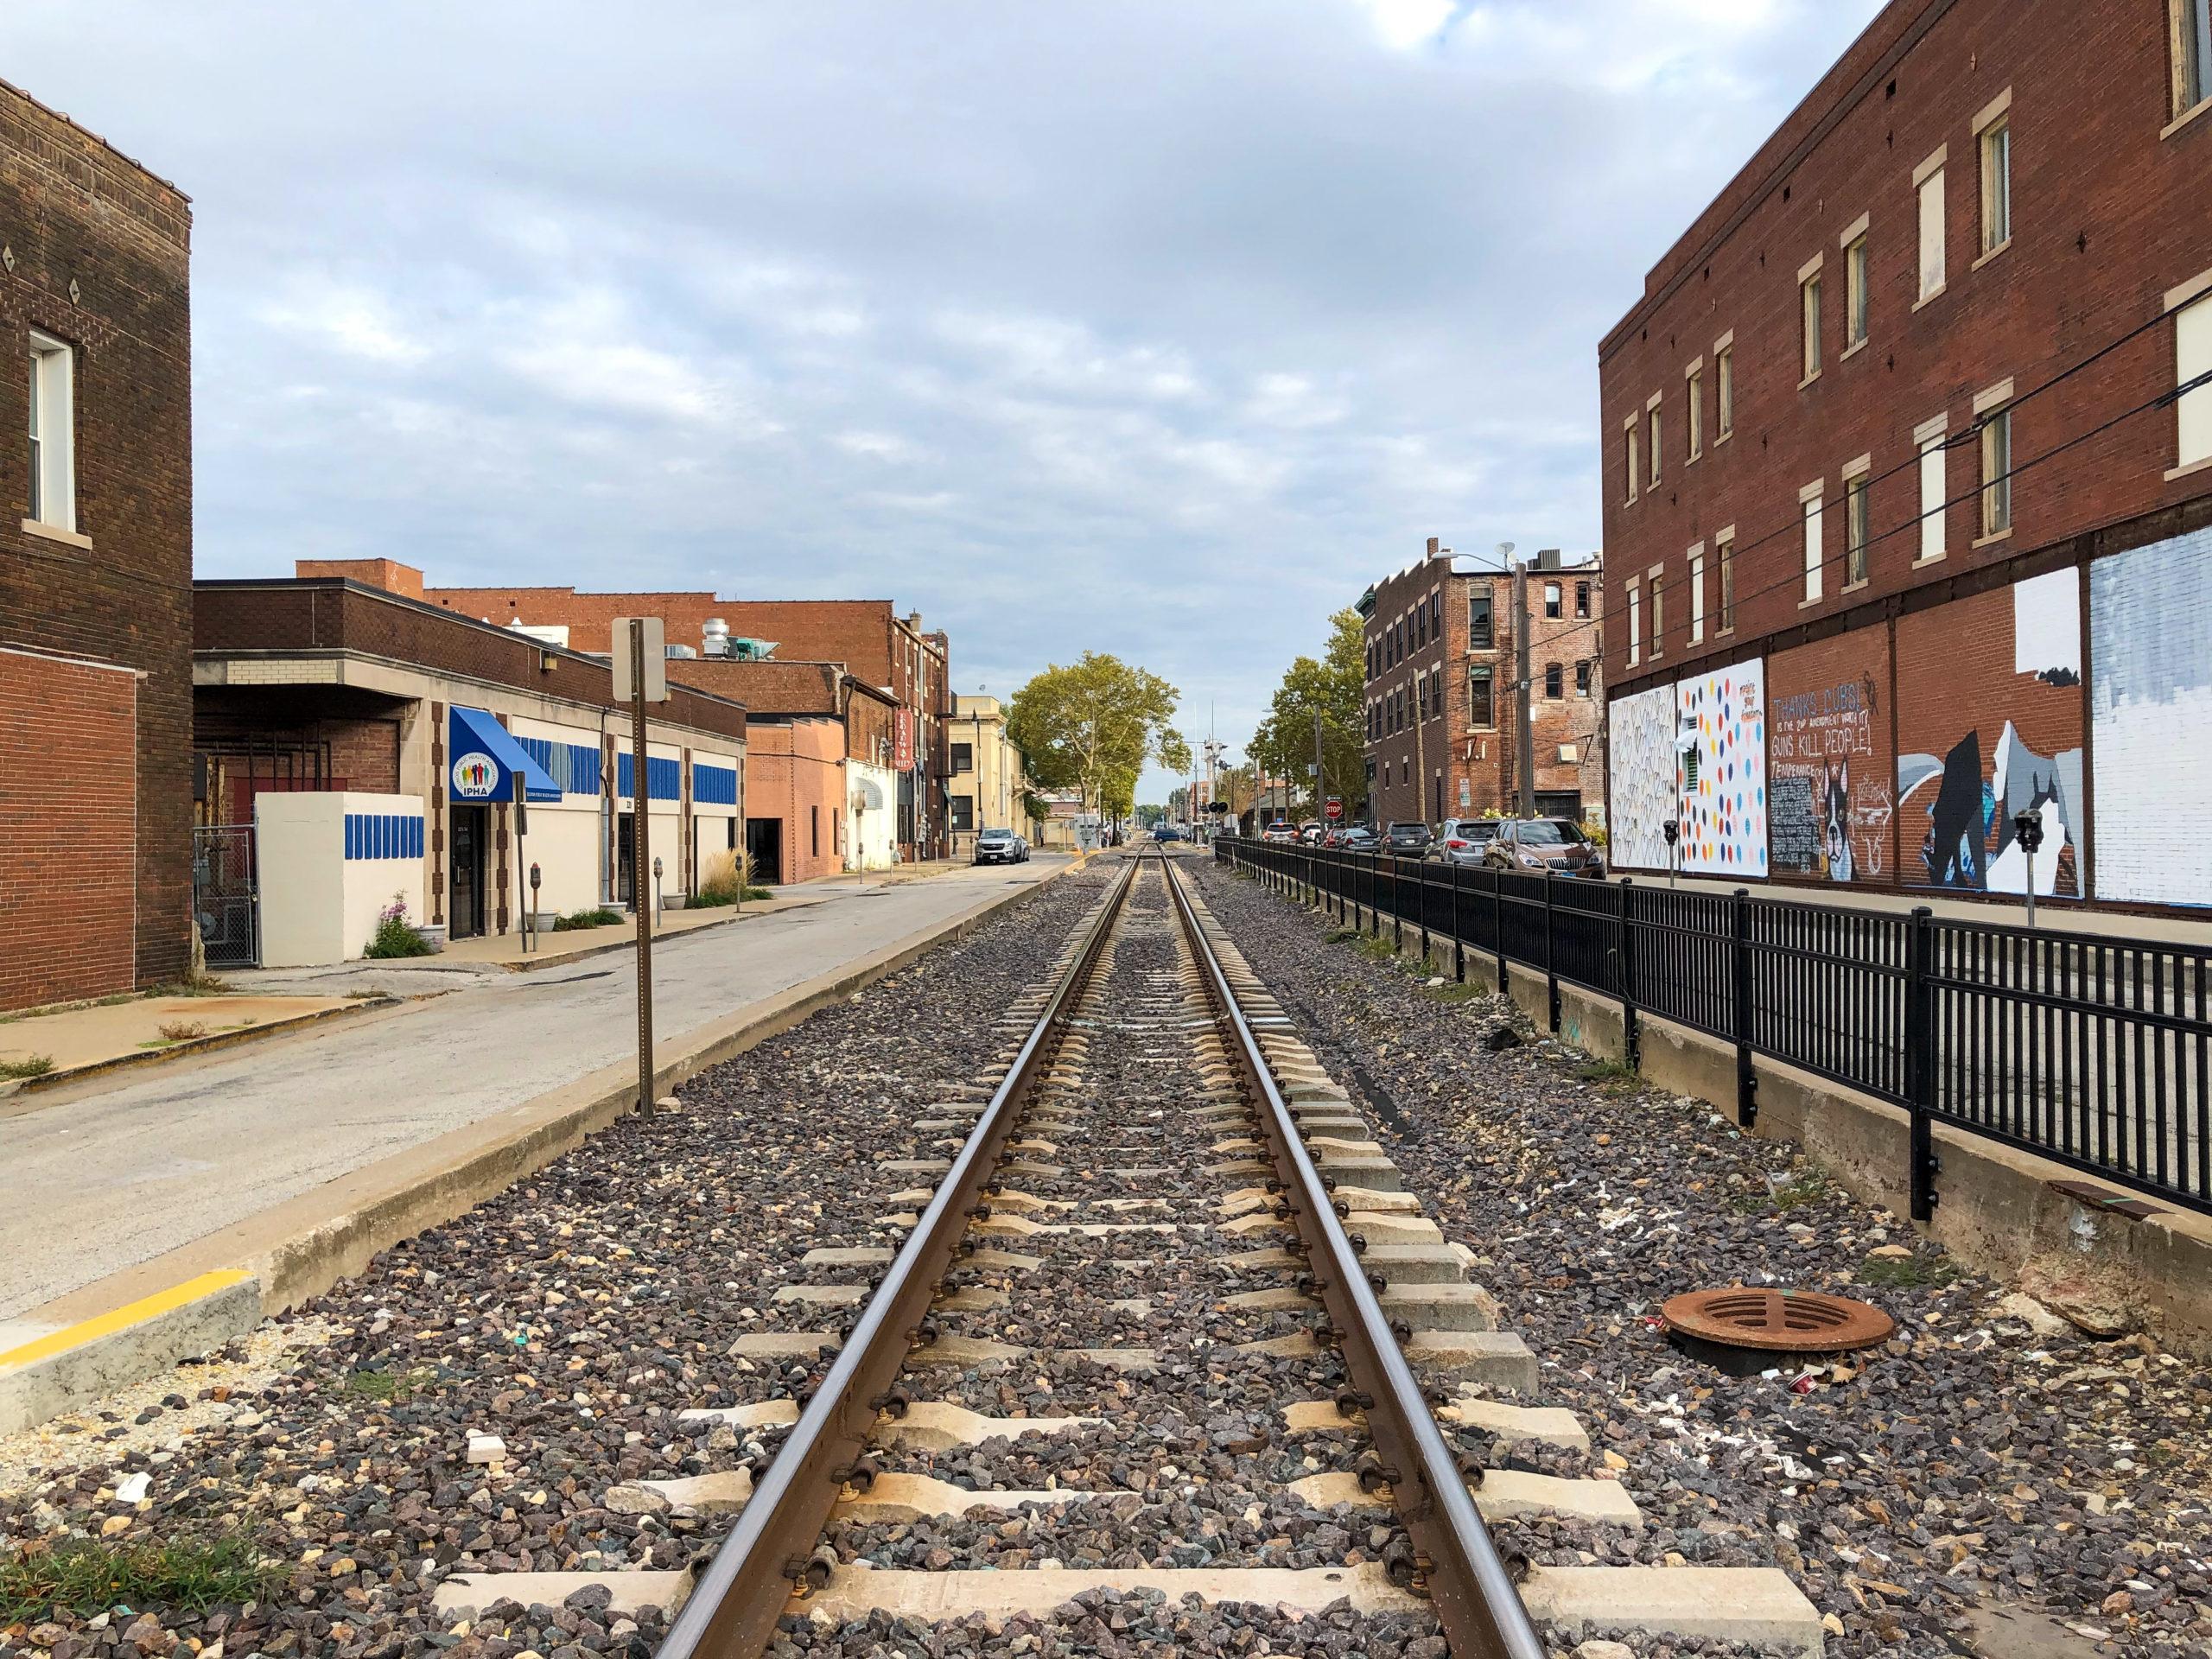 In Springfield, Illinois treffen sich Abraham Lincoln und die Route 66